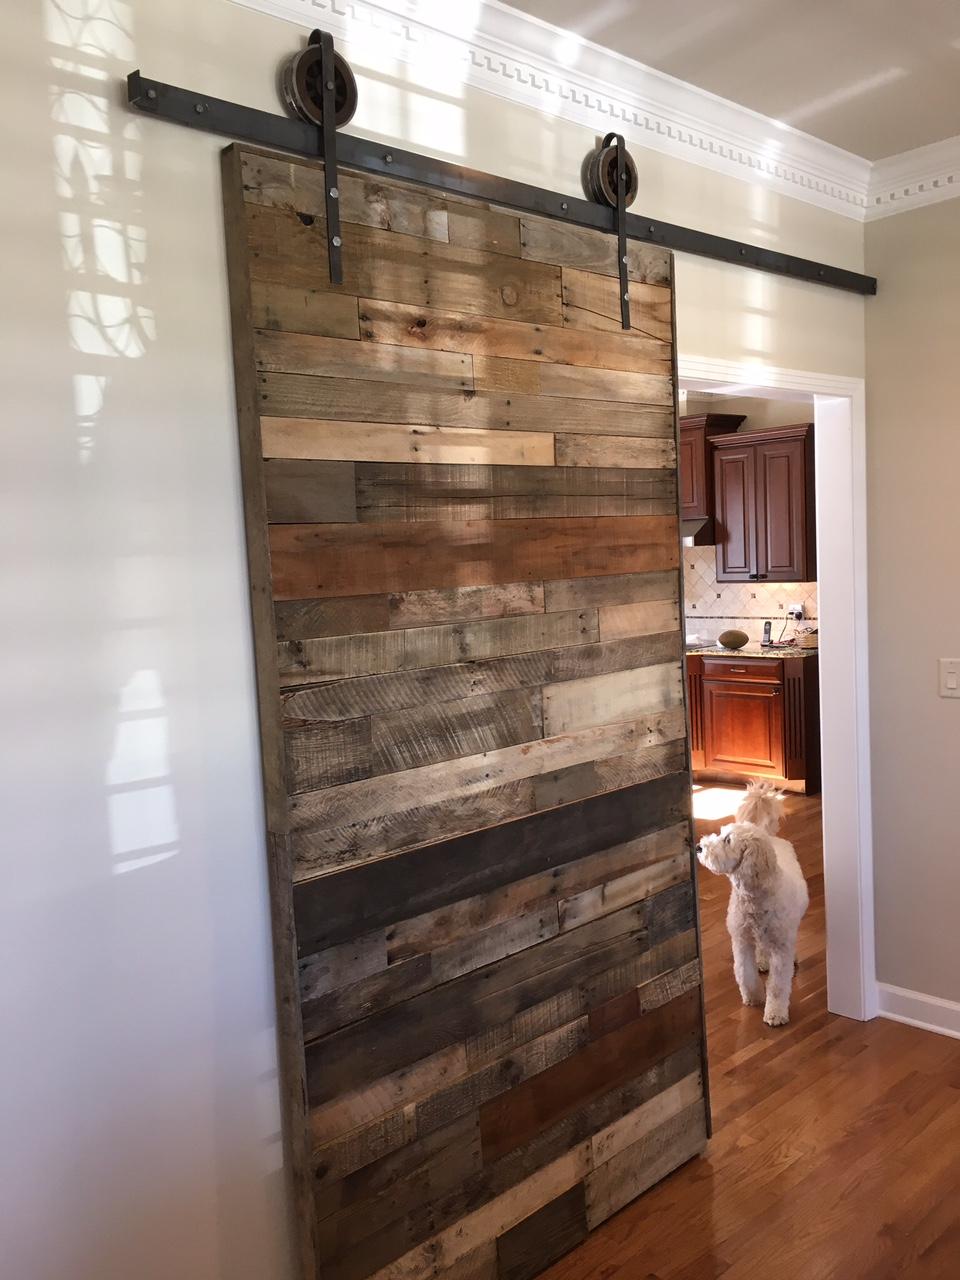 Single Door, Reclaimed Wood, Open Wheel Track